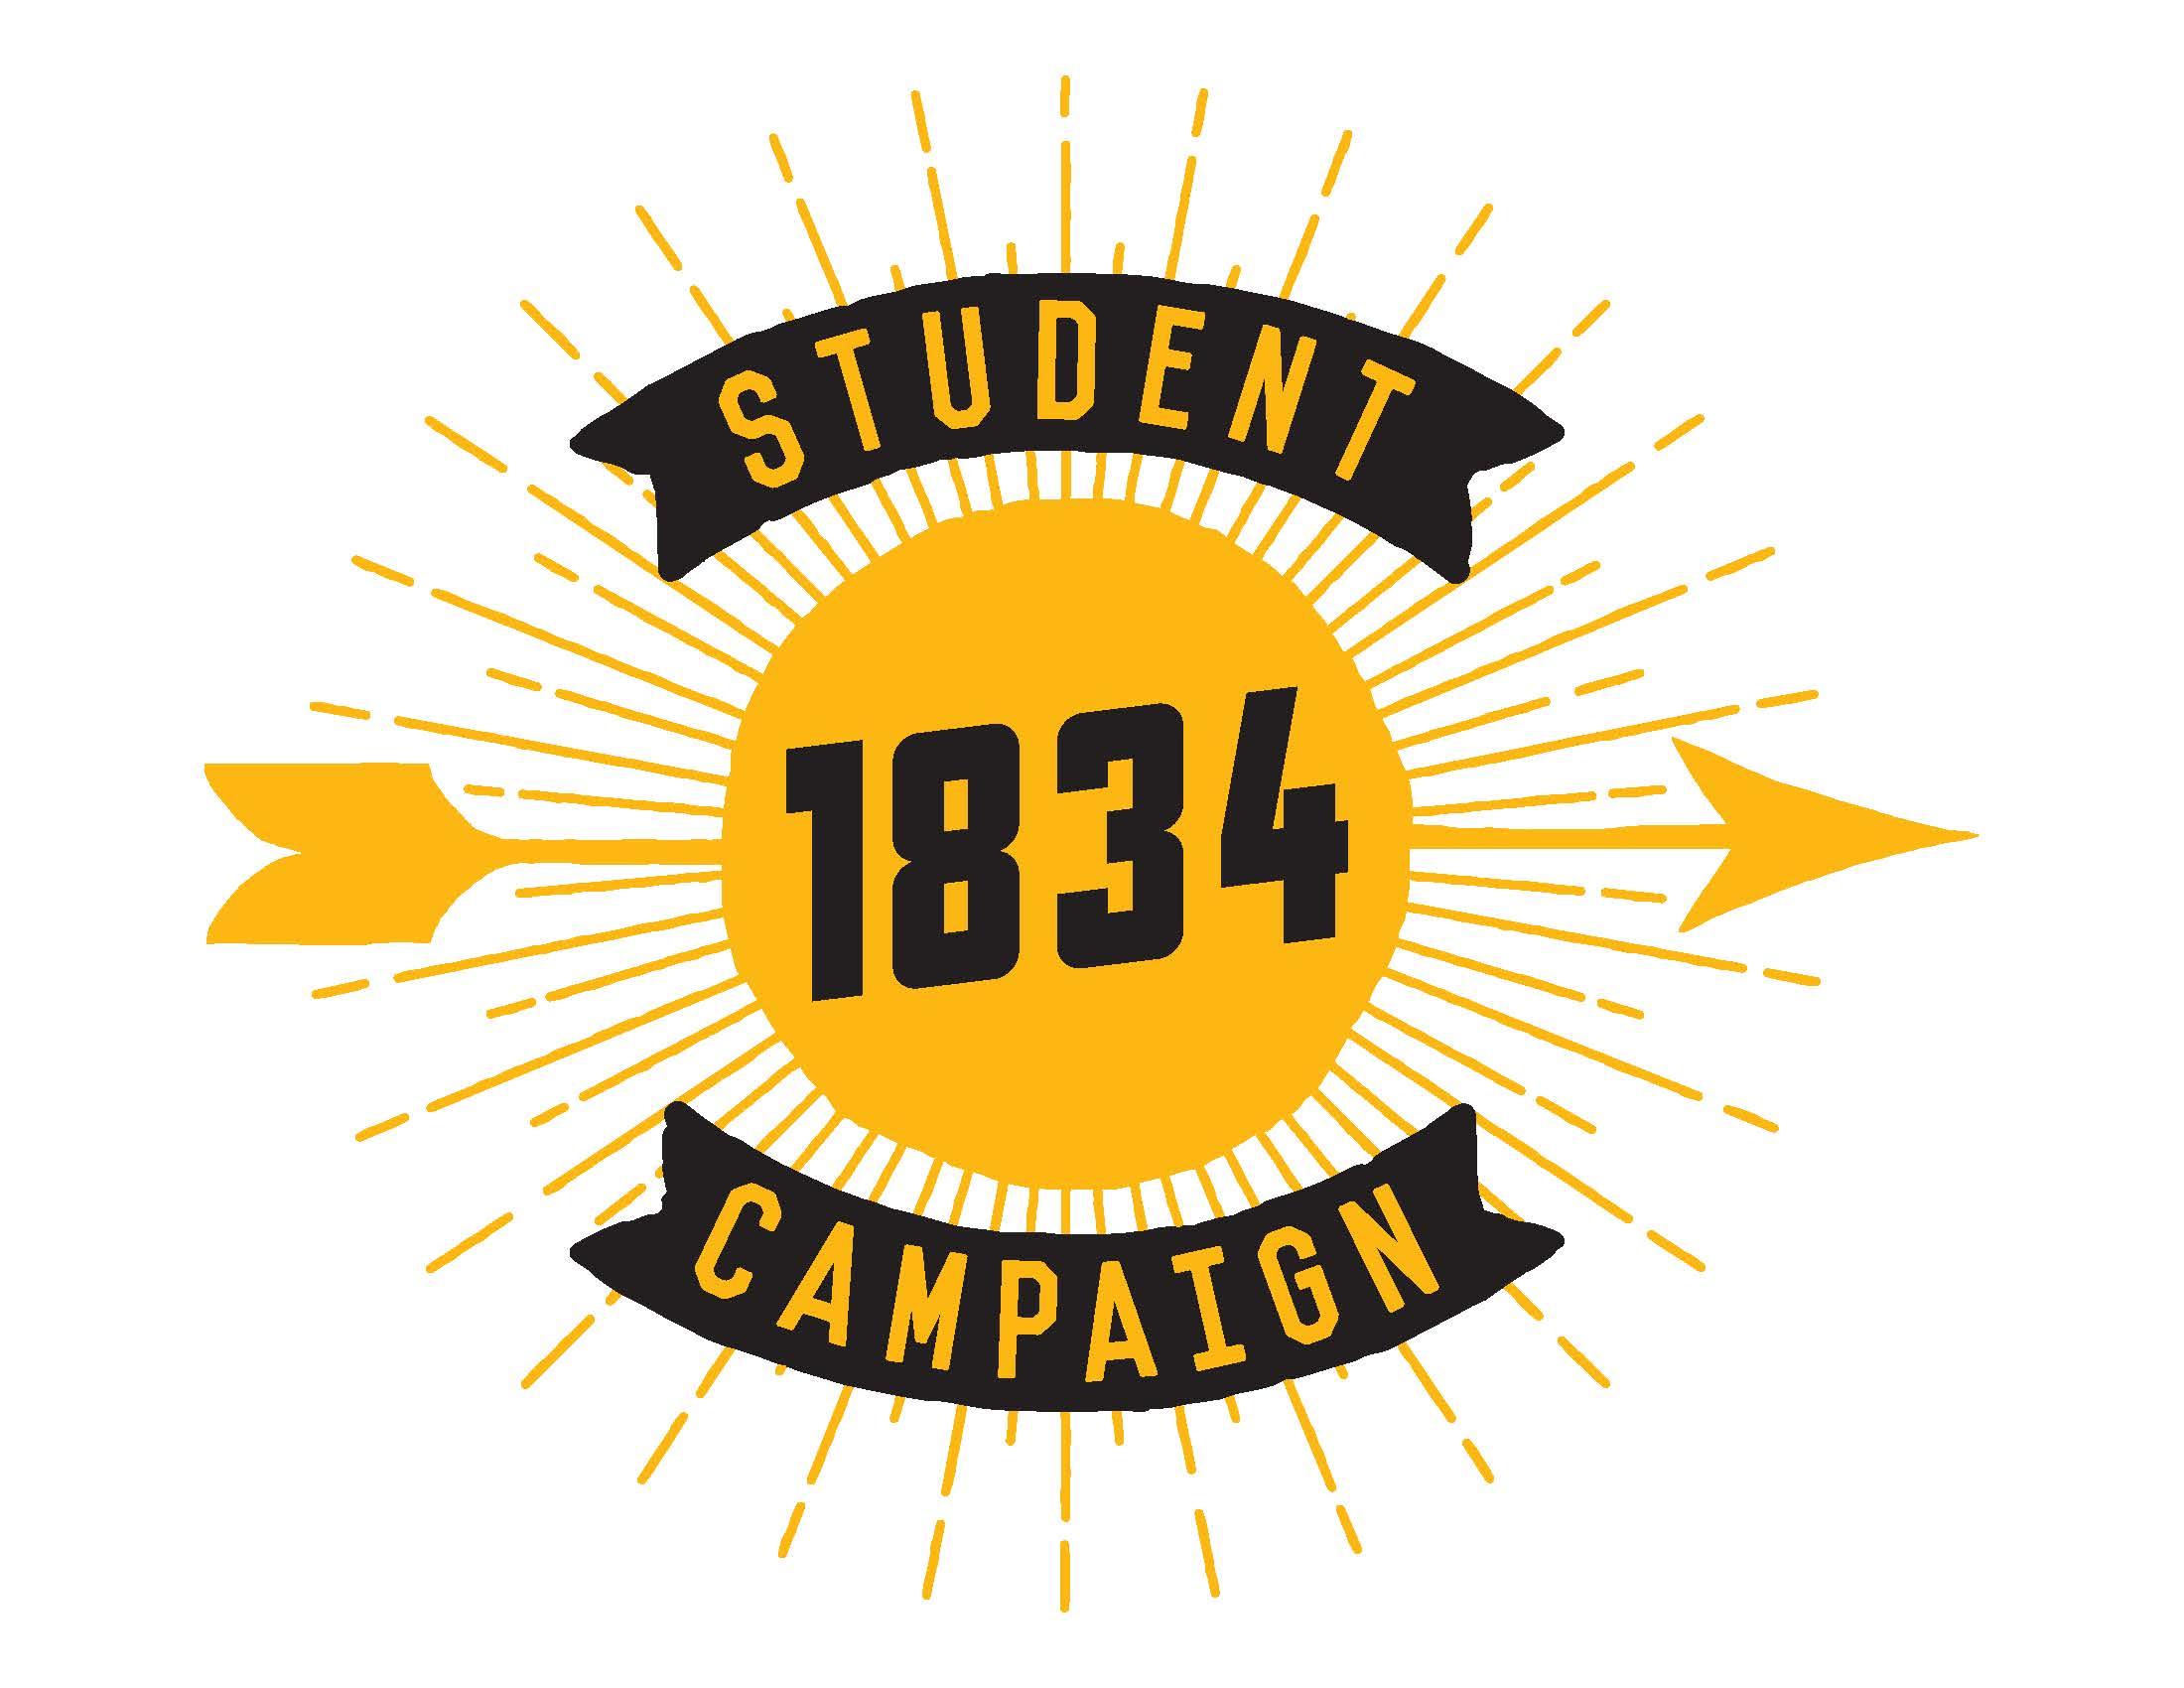 1834 Campaign Logo